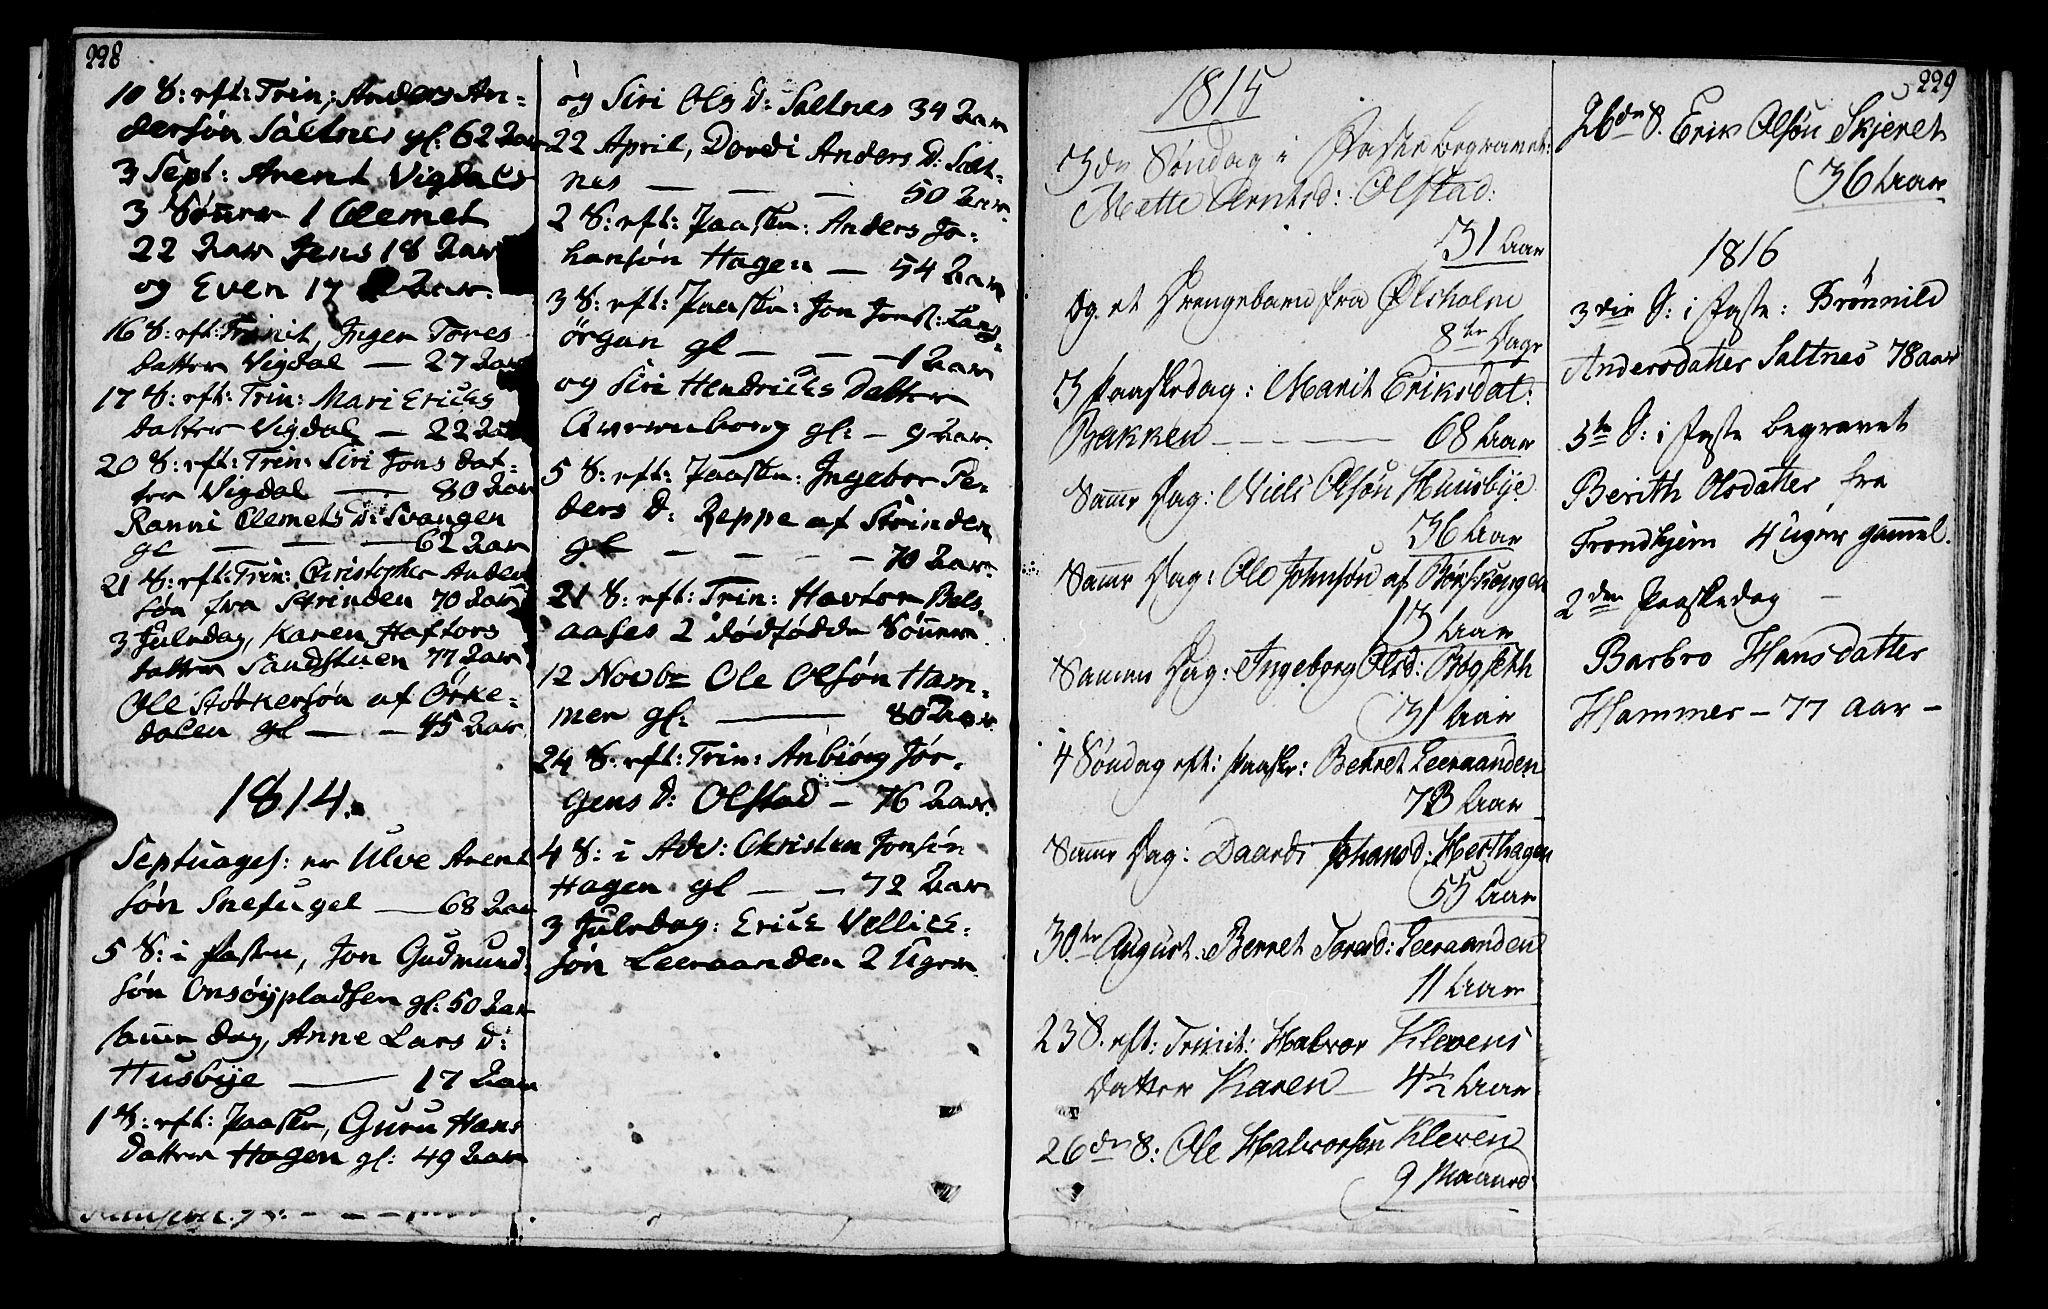 SAT, Ministerialprotokoller, klokkerbøker og fødselsregistre - Sør-Trøndelag, 666/L0785: Ministerialbok nr. 666A03, 1803-1816, s. 228-229